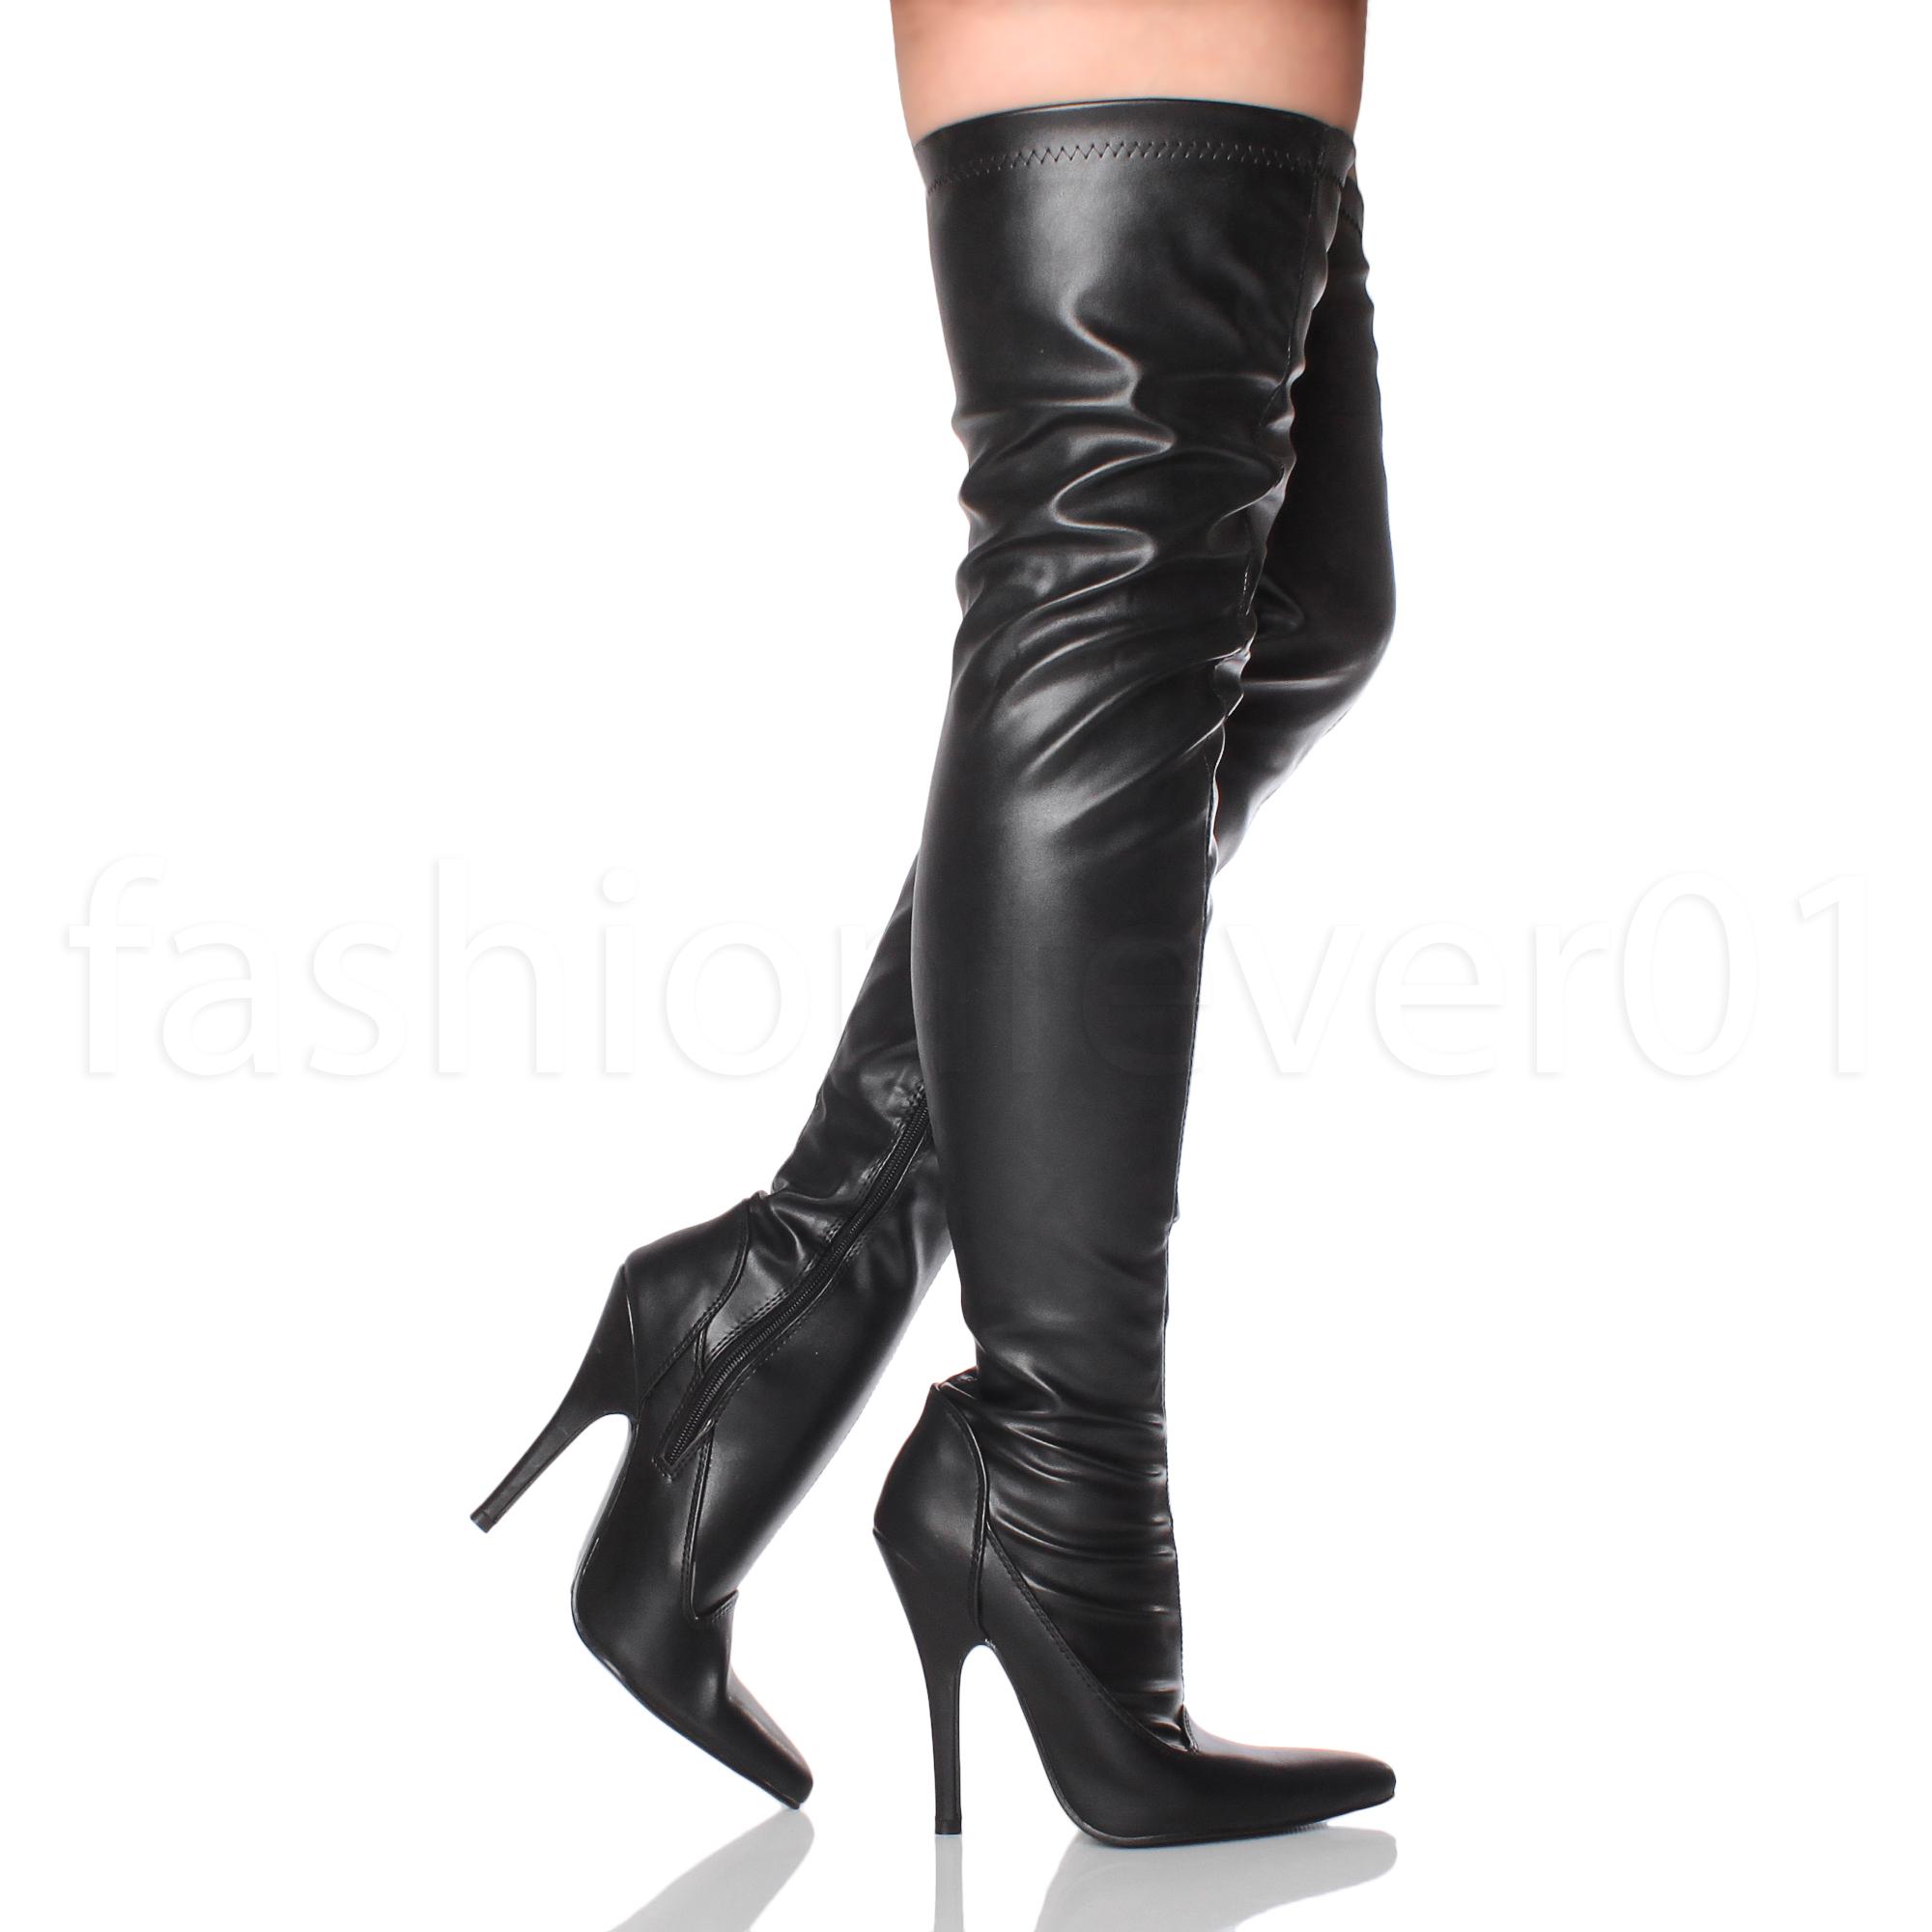 в ноги лизать сапогах женские